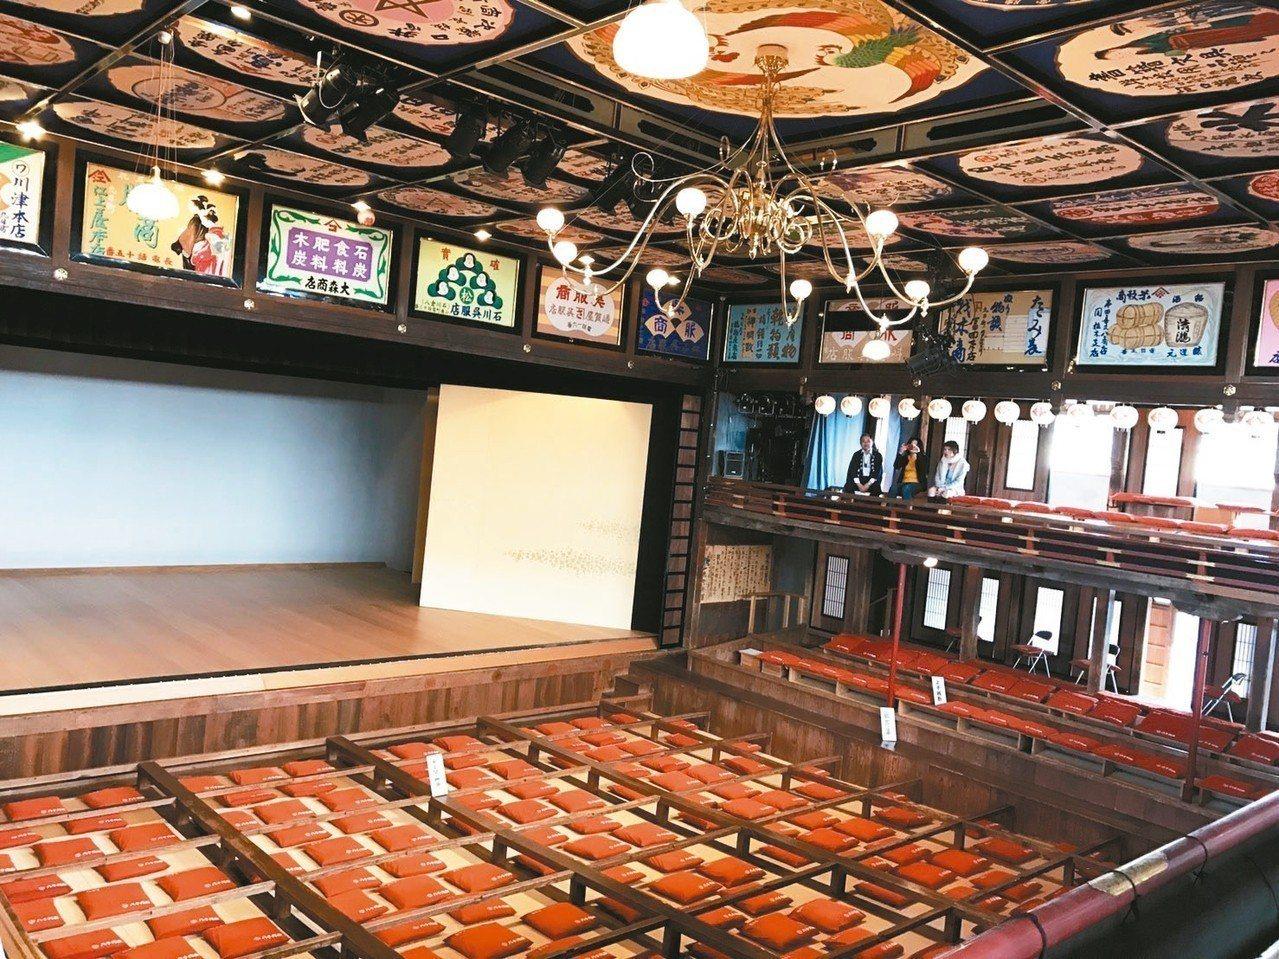 「江戶樣式」歌舞伎劇場,內部有著豪華又時尚的寬廣空間。 記者葉卉軒/攝影